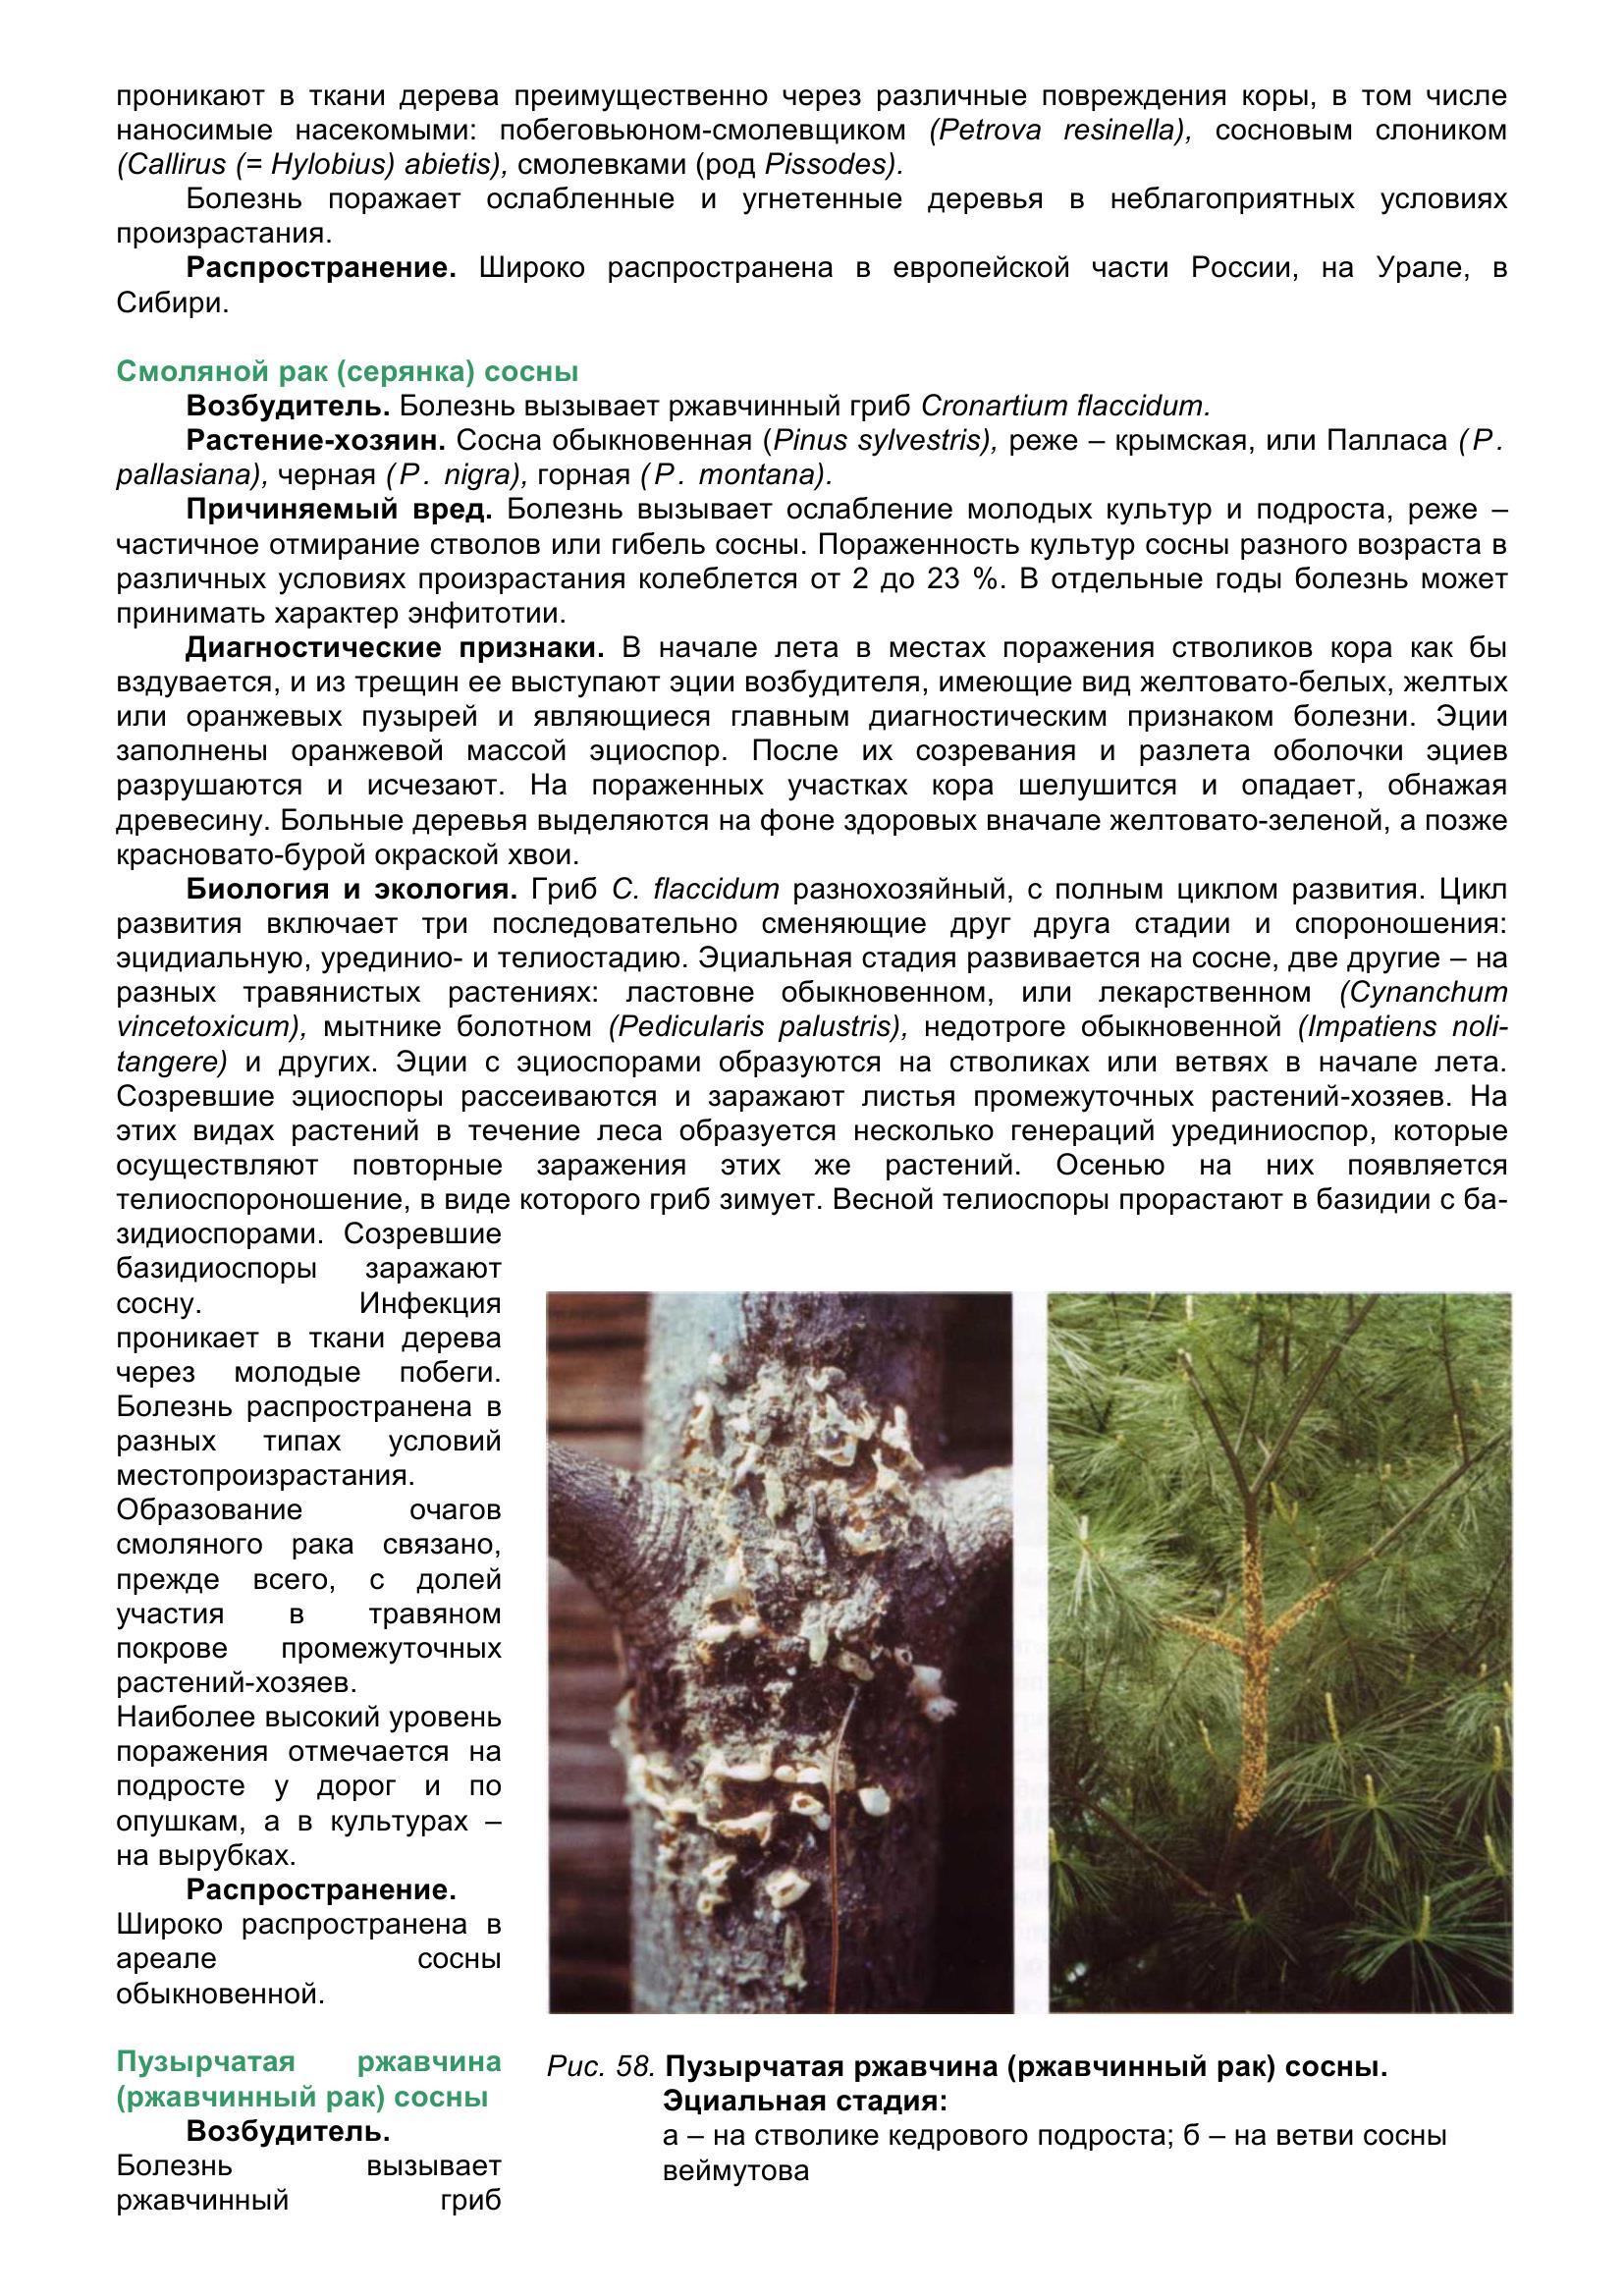 Болезни_древесных_растений_069.jpg